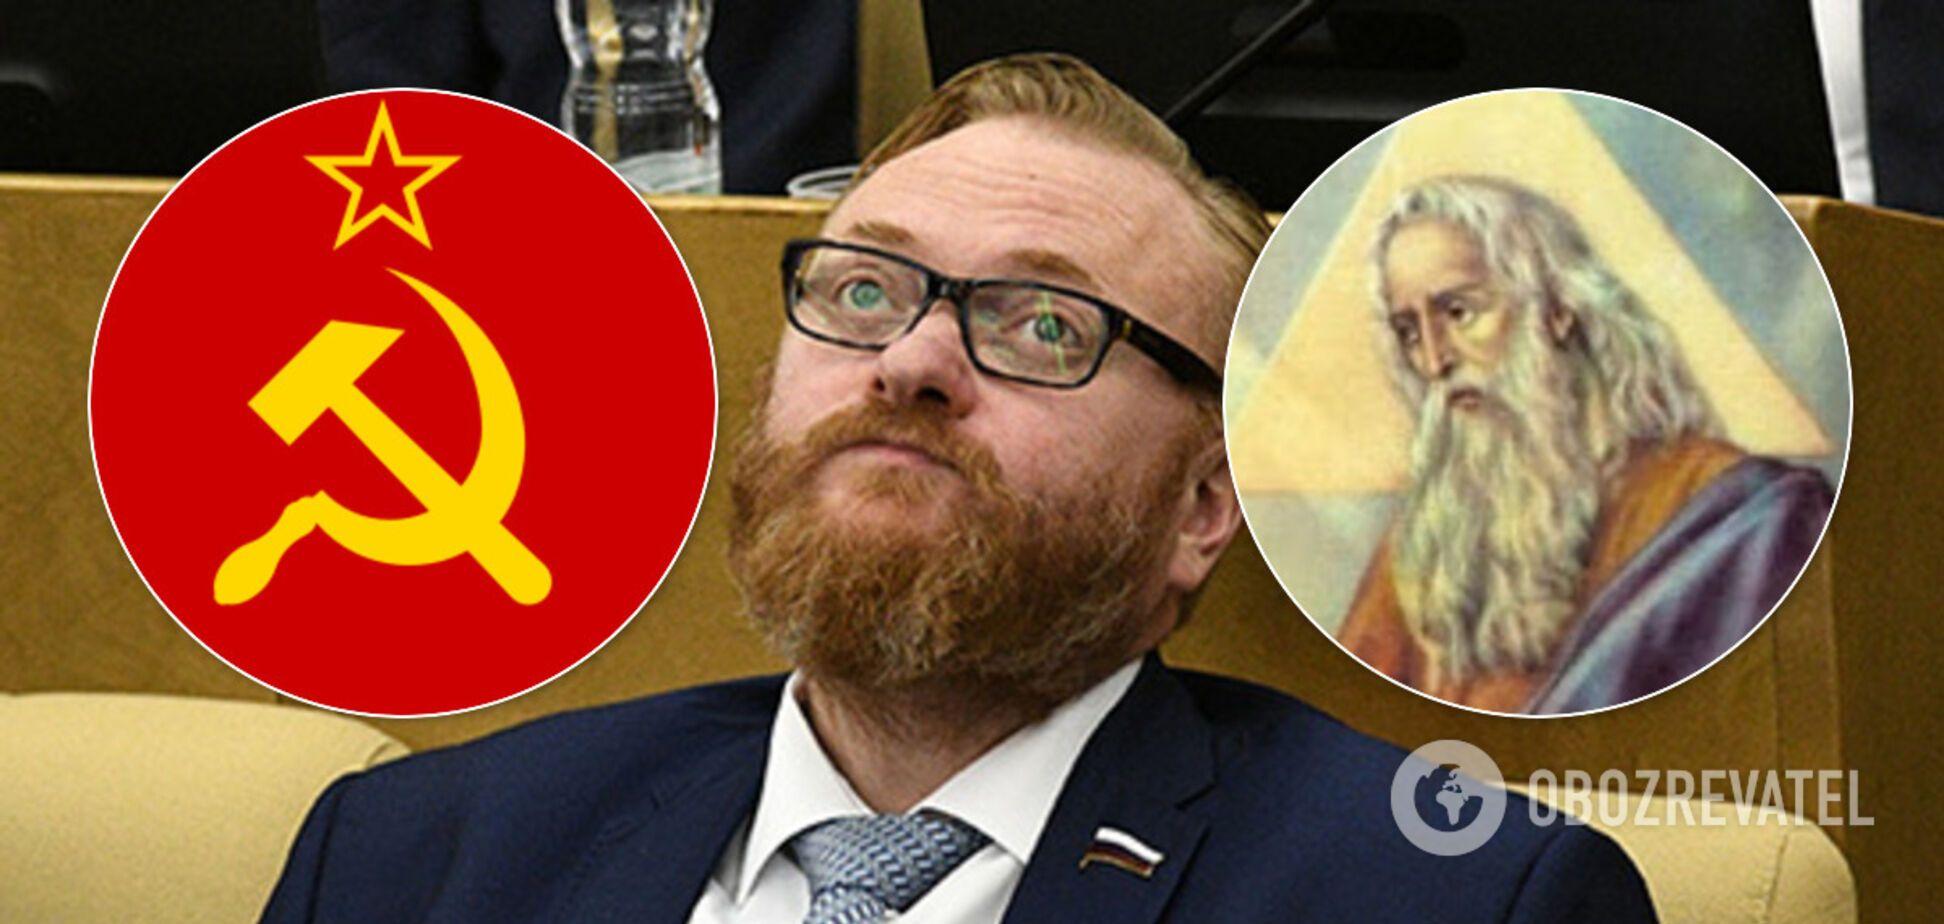 Мілонов запропонував внести до конституції Росії бога, аборти та СРСР